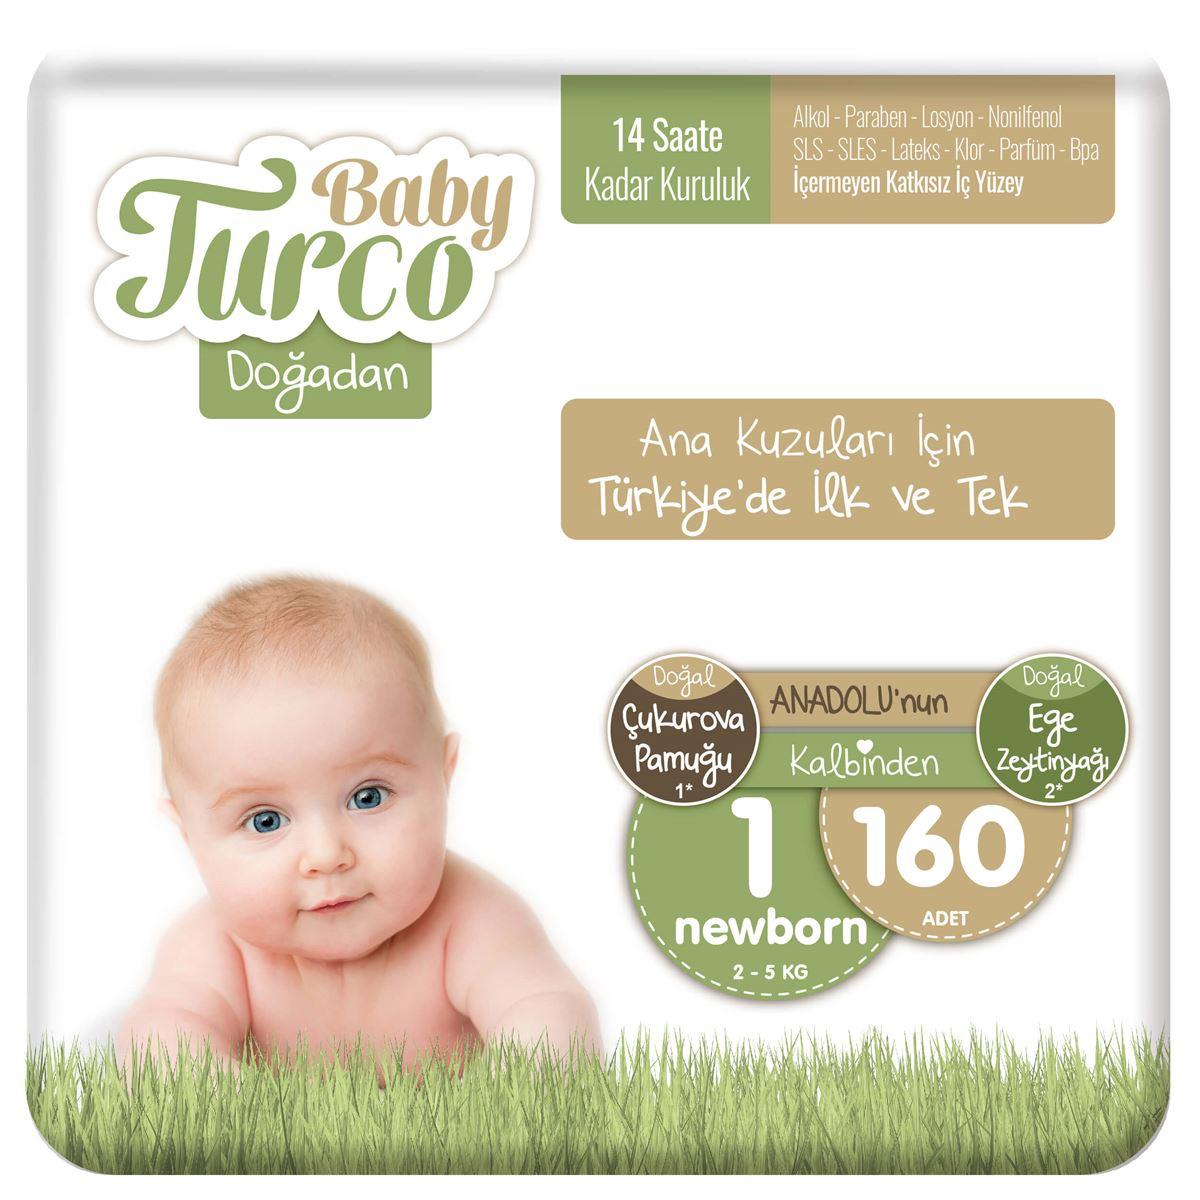 Baby Turco Doğadan 1 Numara Newborn 160 Adet